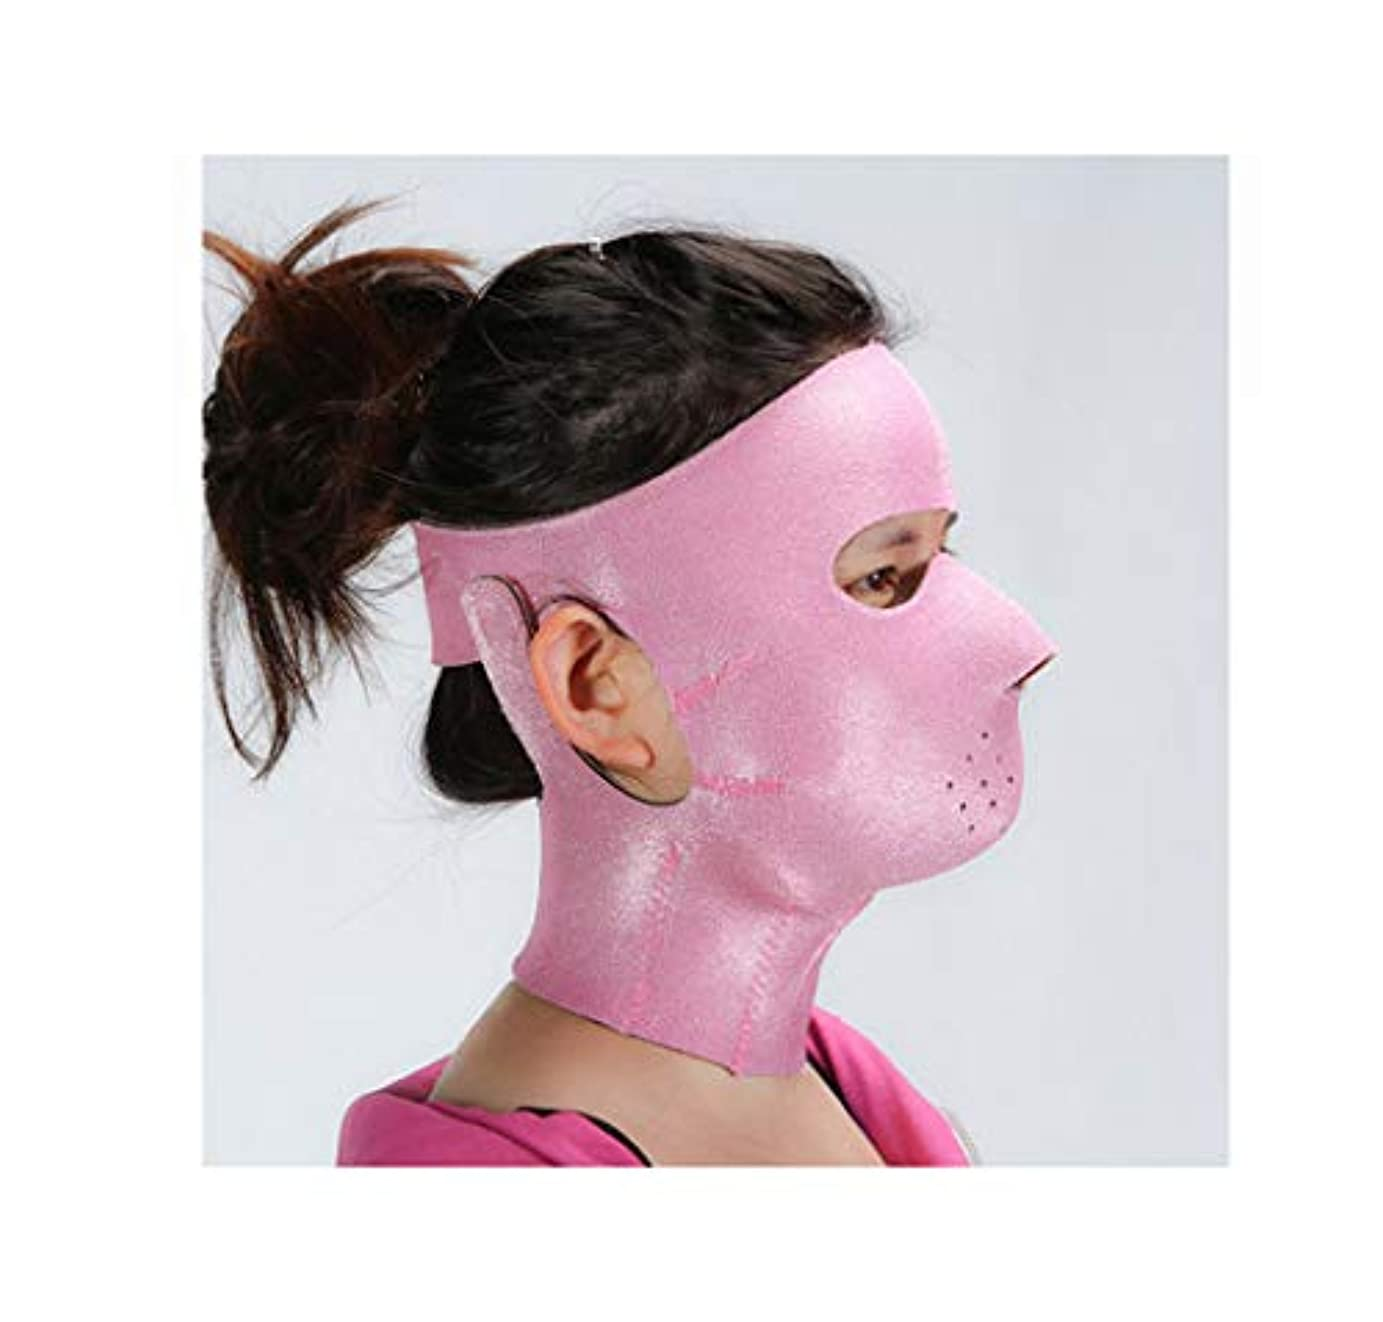 グラム影響を受けやすいです図GLJJQMY 薄い顔マスクマスクプラス薄いマスク引き締めアンチエイジング薄いマスク顔の薄い顔マスクアーティファクト美容ネックバンド 顔用整形マスク